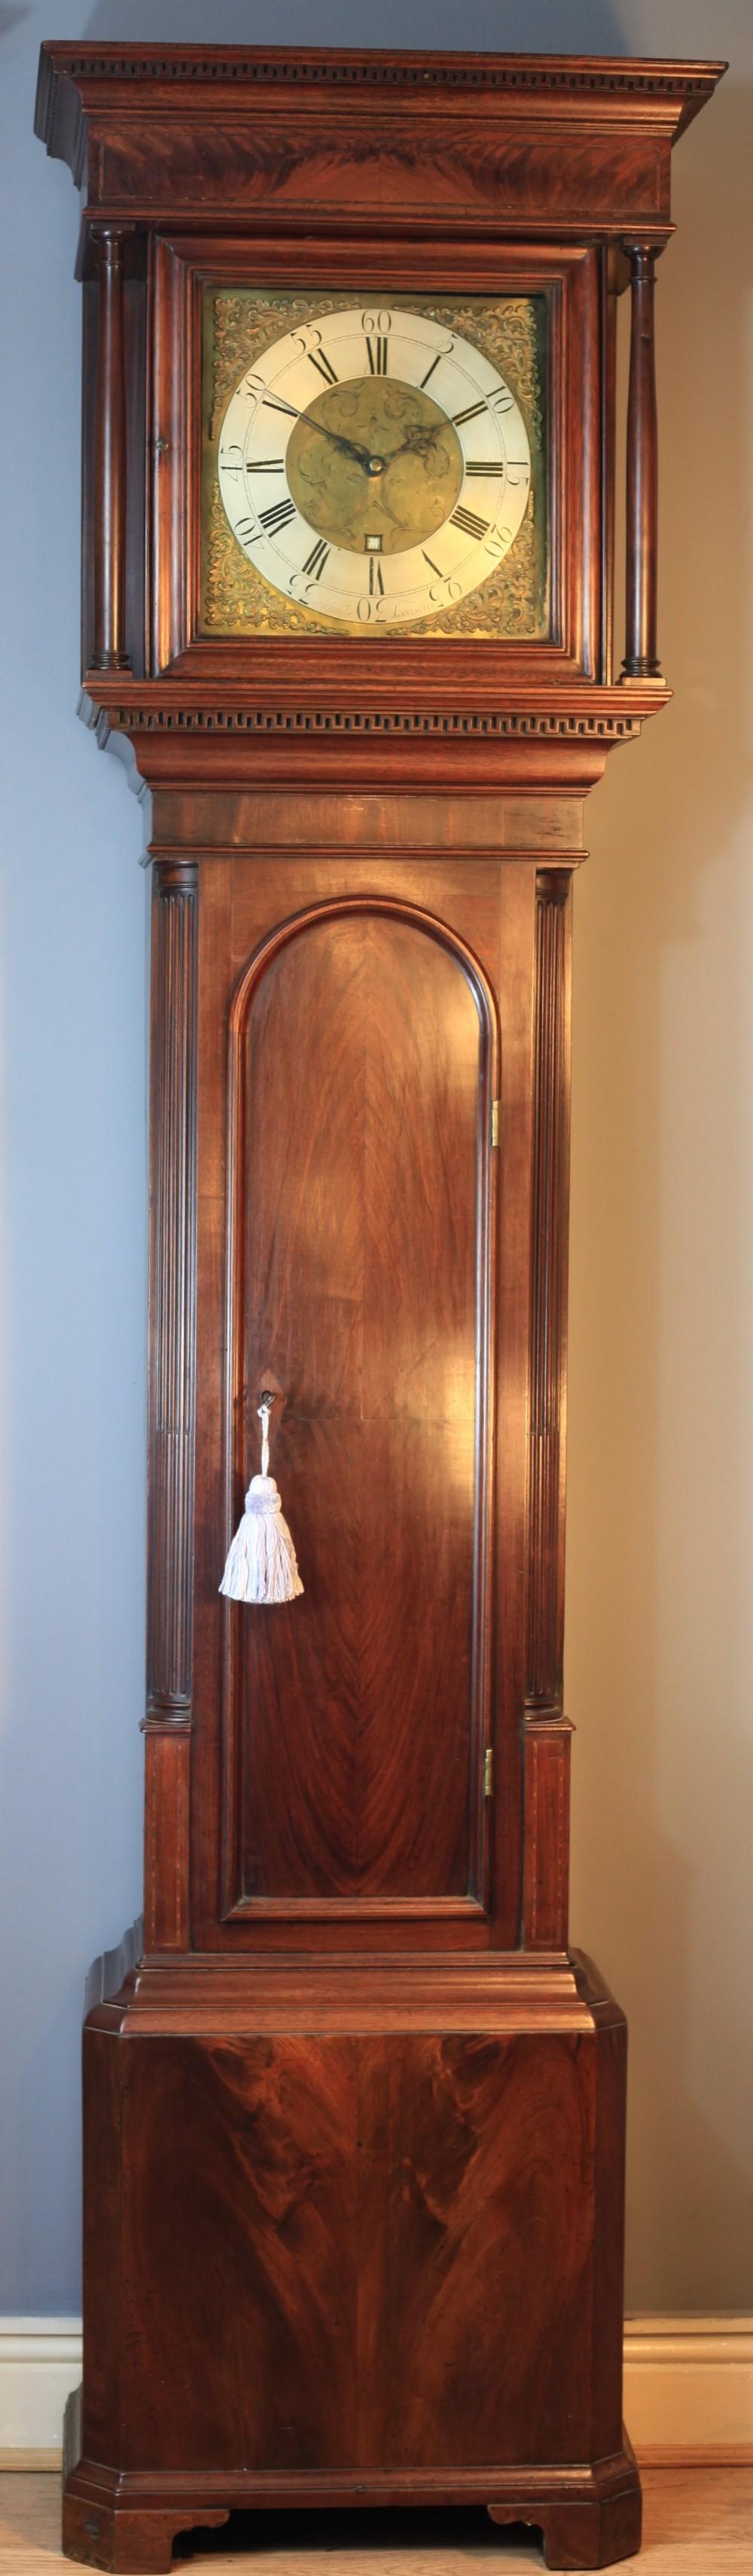 an elegant flame mahogany 30 hour longcase clock by joshua harrocks c1760